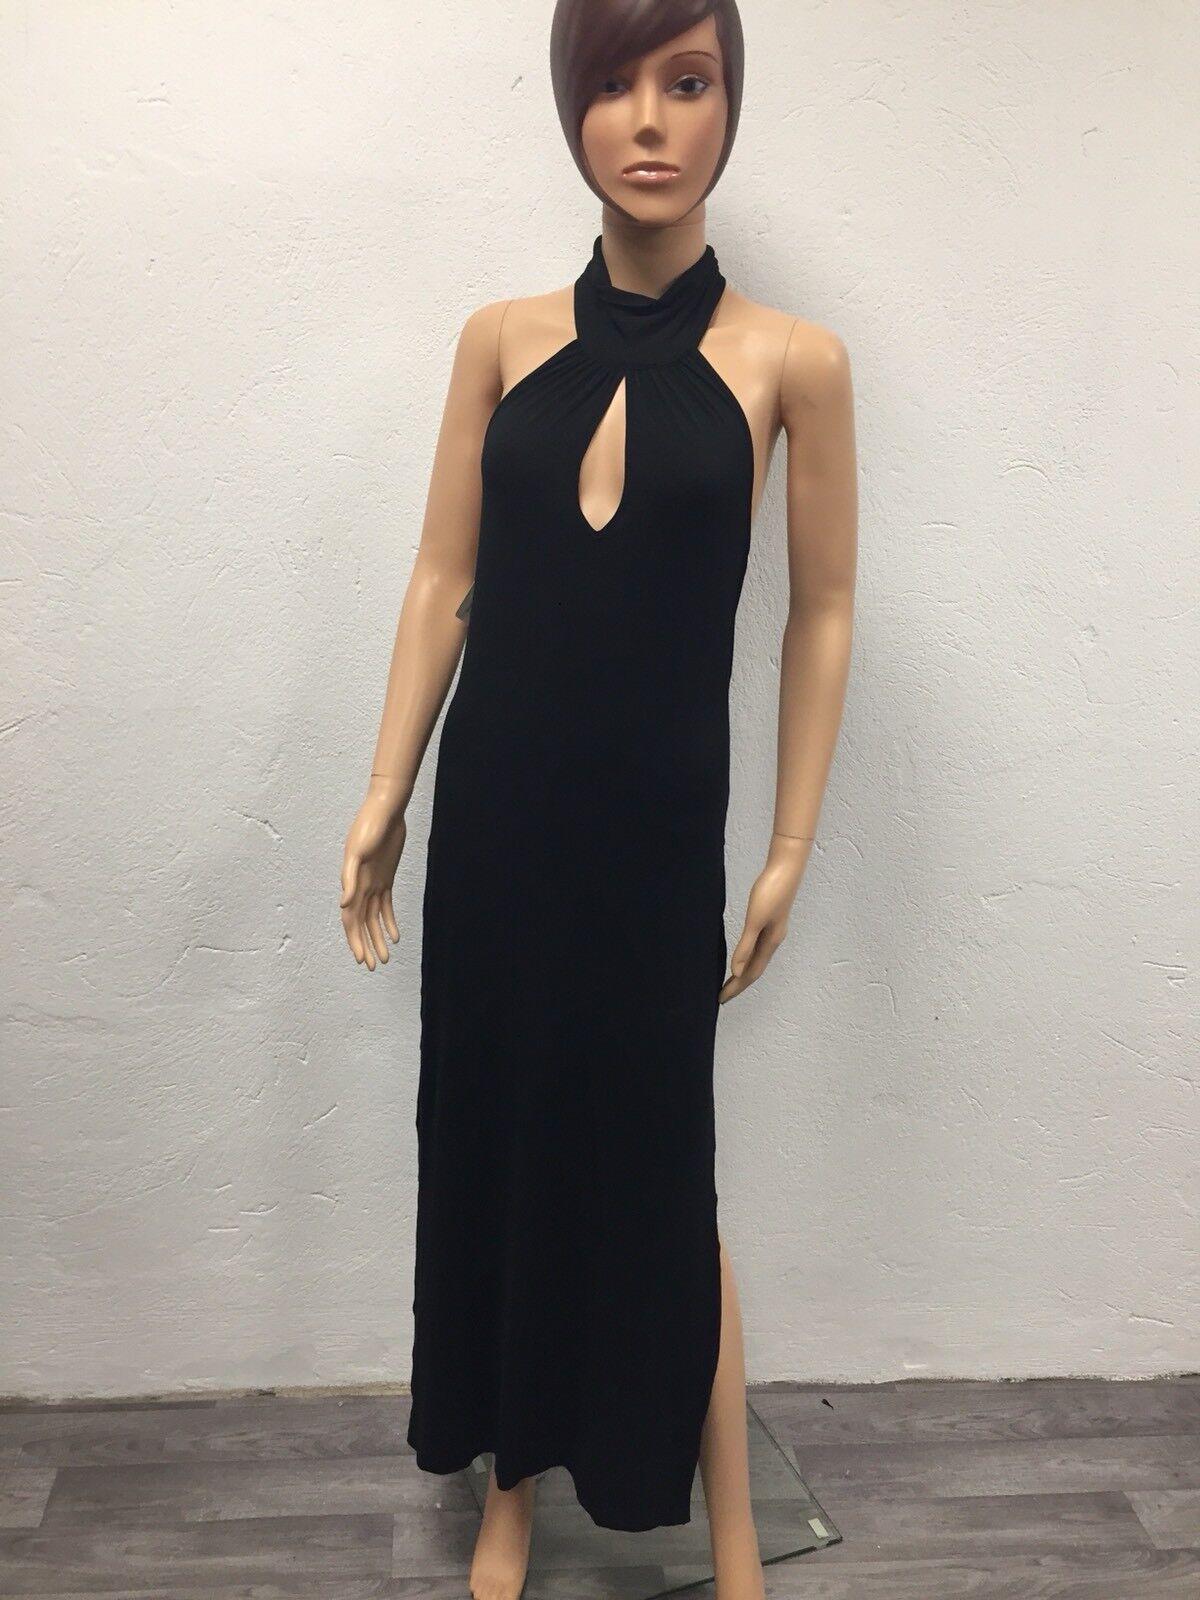 Kleid Lang Strand Lise Charmel SCHWARZ GRÖSSE S Made IN France